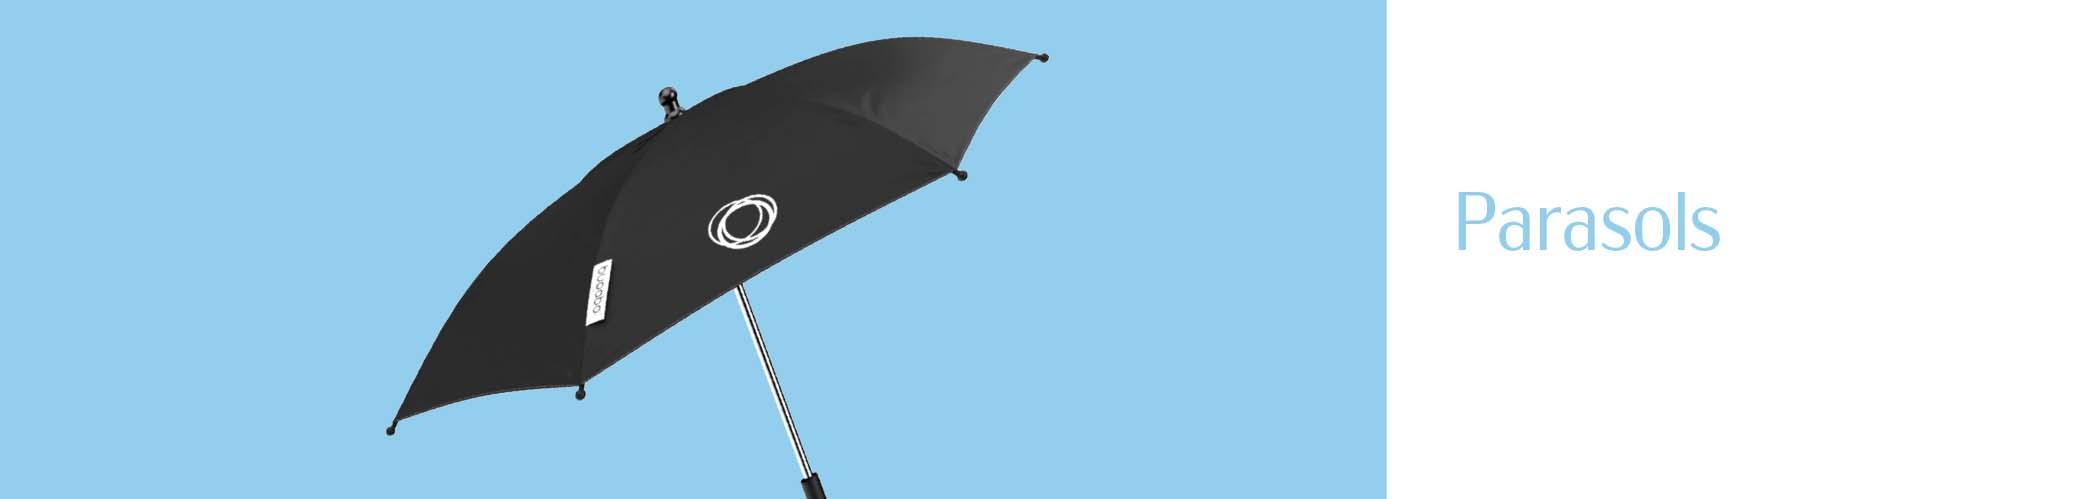 -34-parasols-internalbanner-may21.jpg